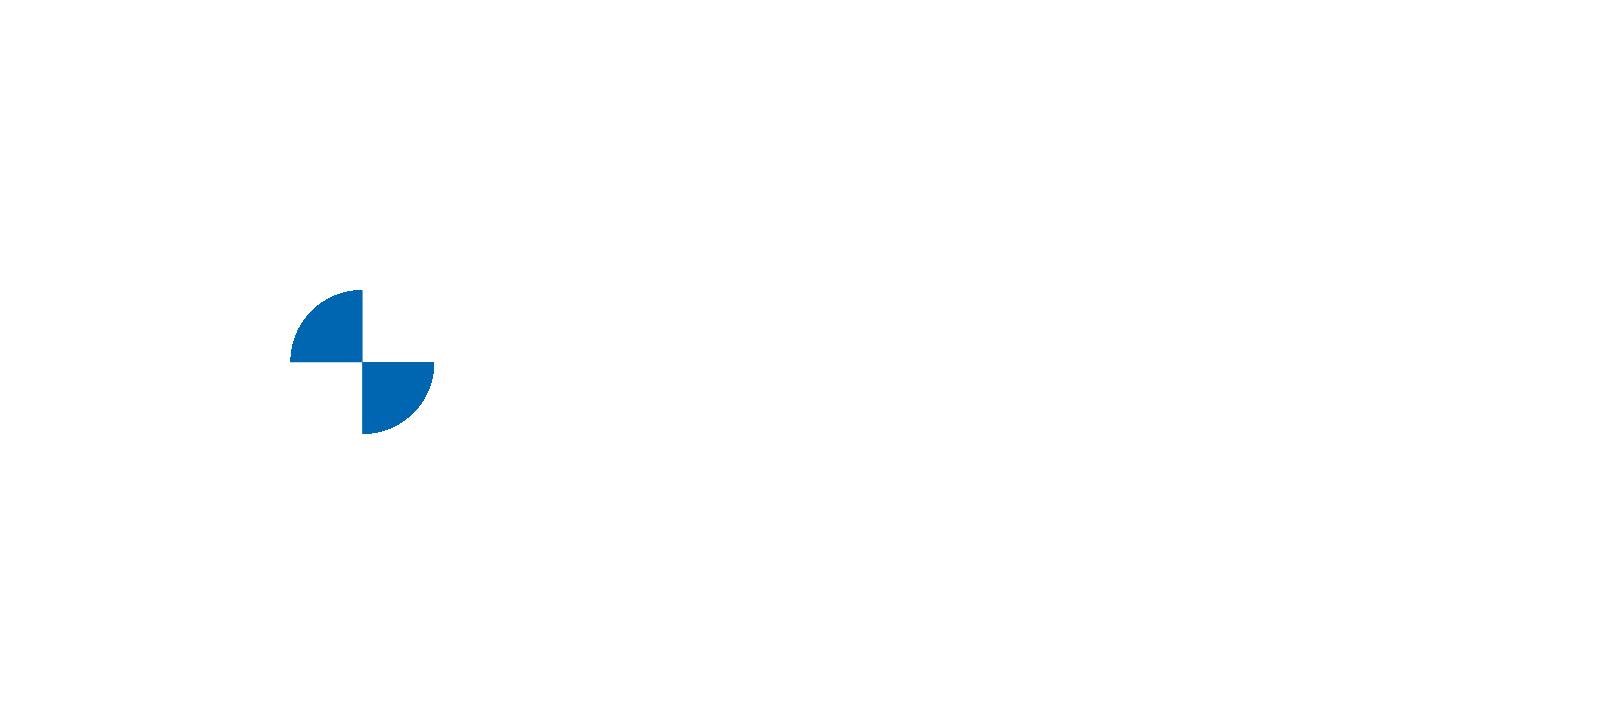 BMW MR stdBM neg rgb HR